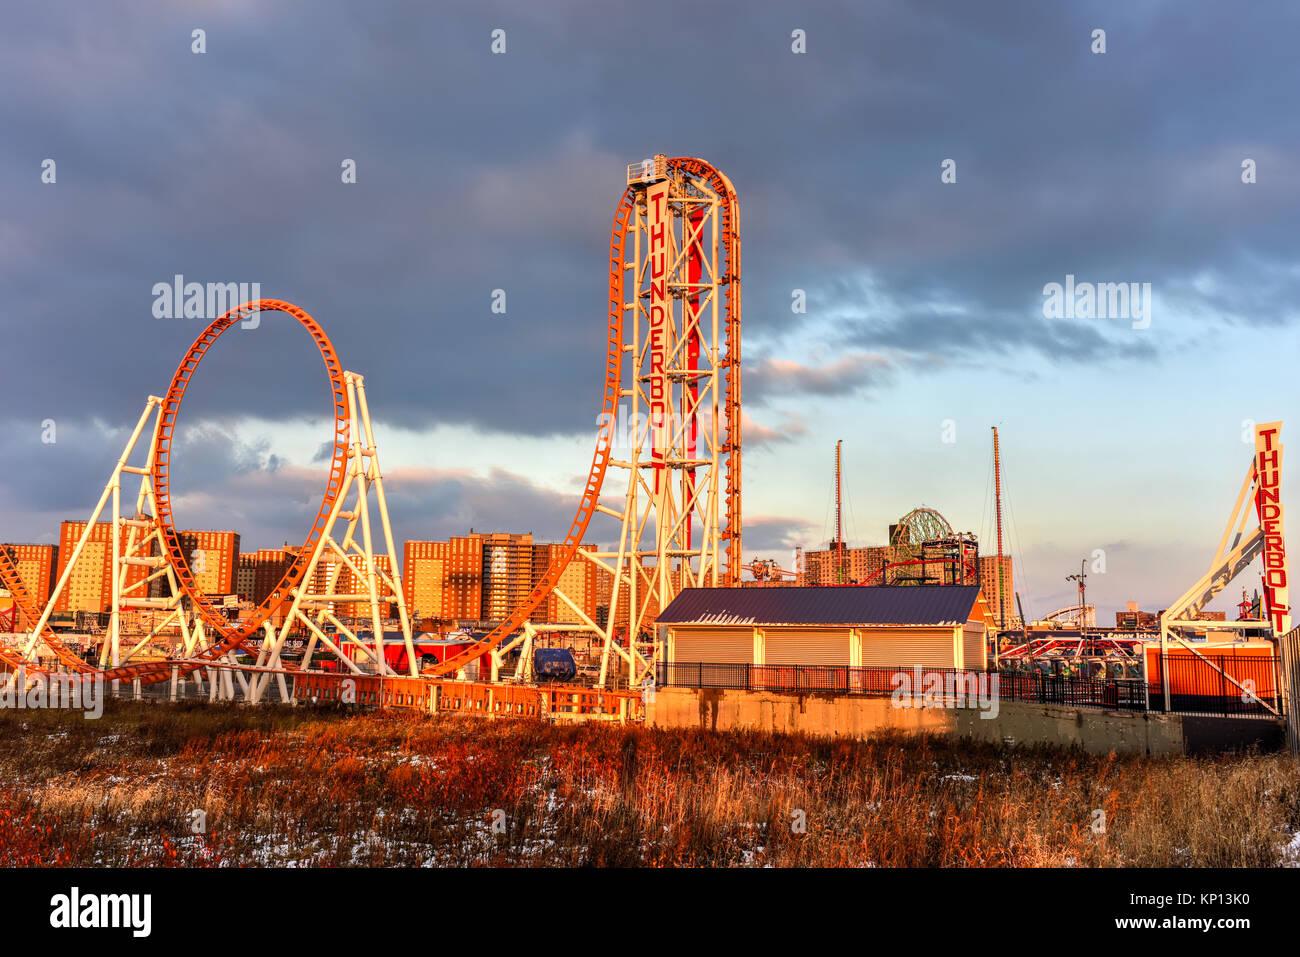 Brooklyn, New York - Dec 10, 2017: Rollercoaster Thunderbolt dans Coney Island, Brooklyn, New York City au Photo Stock